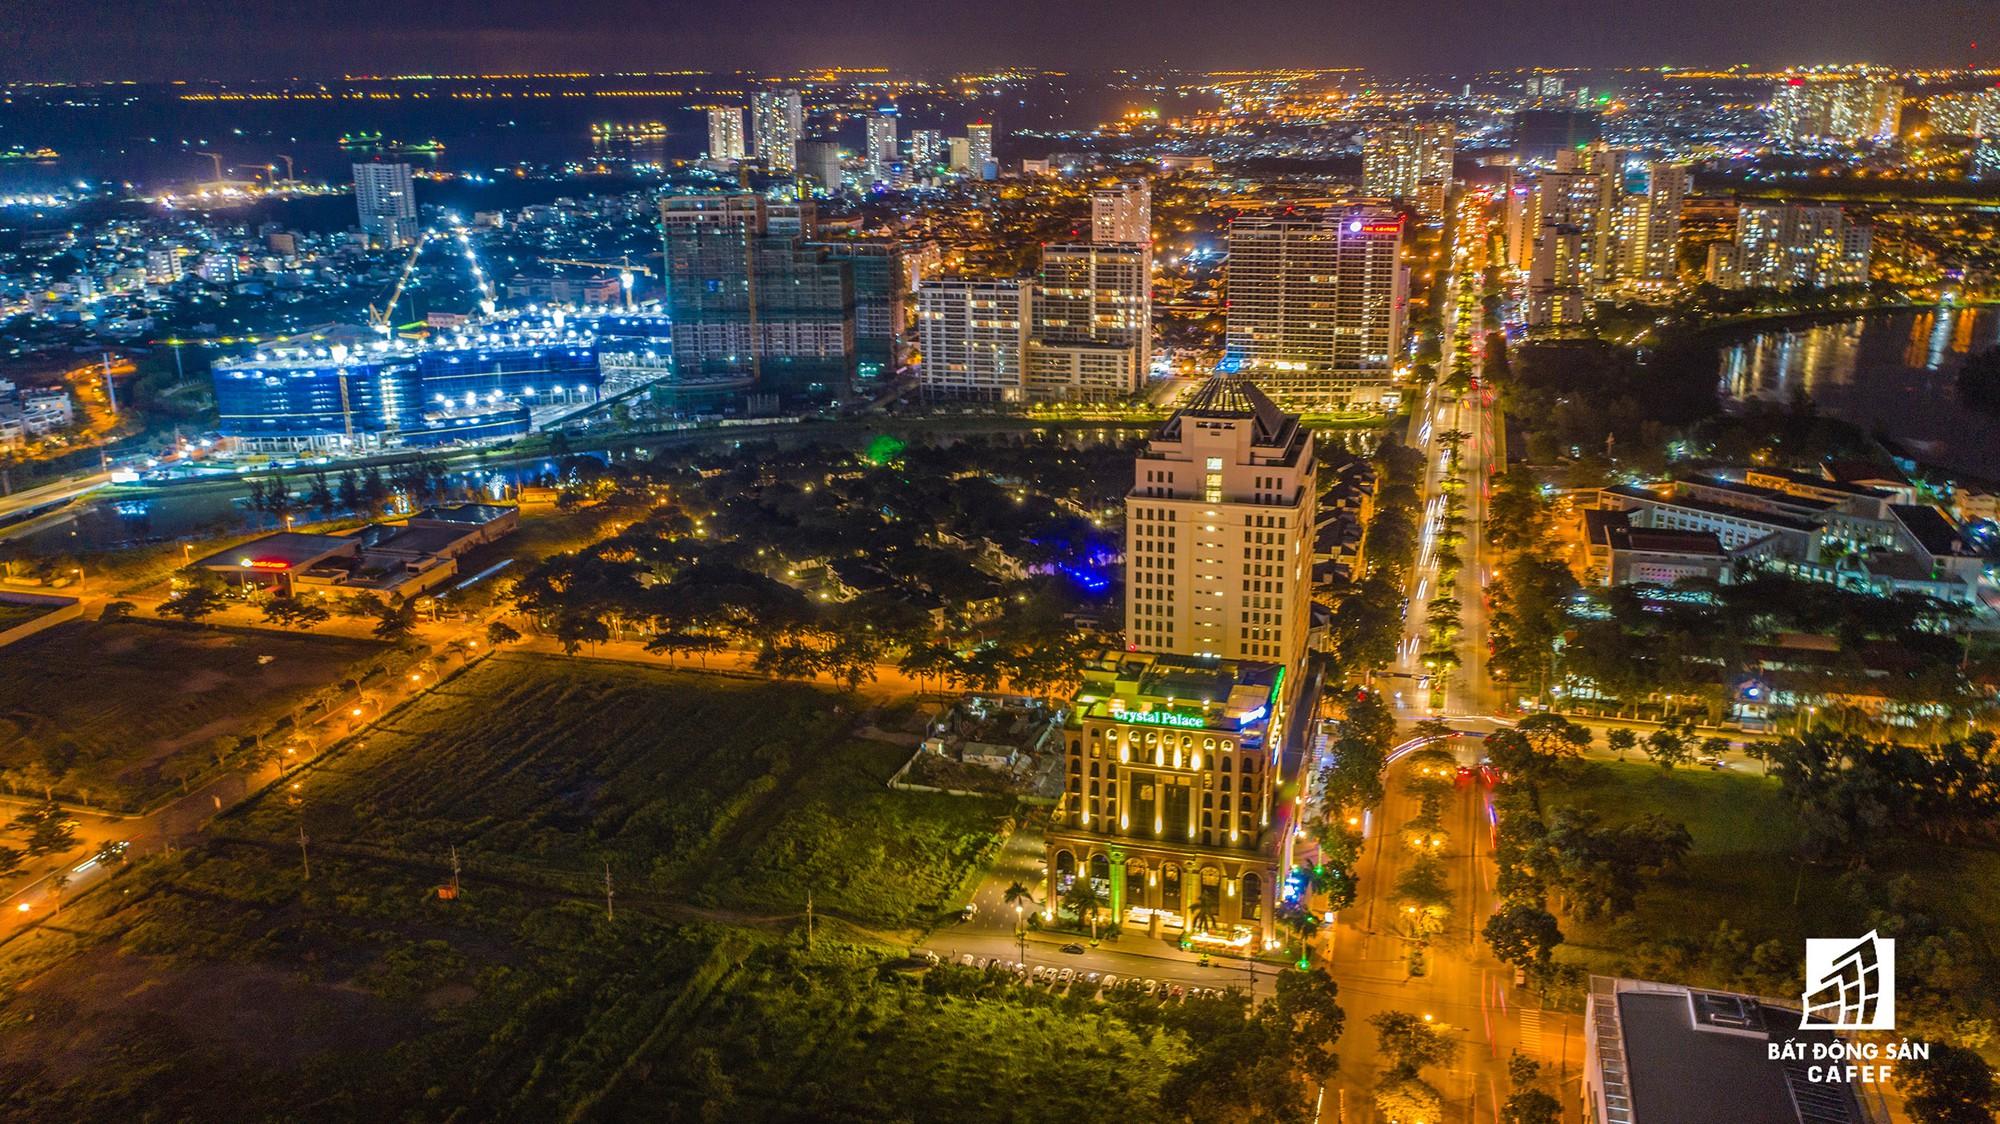 Có một trung tâm tài chính tại khu Nam Sài Gòn - Nơi giá nhà tăng chóng mặt - Ảnh 26.